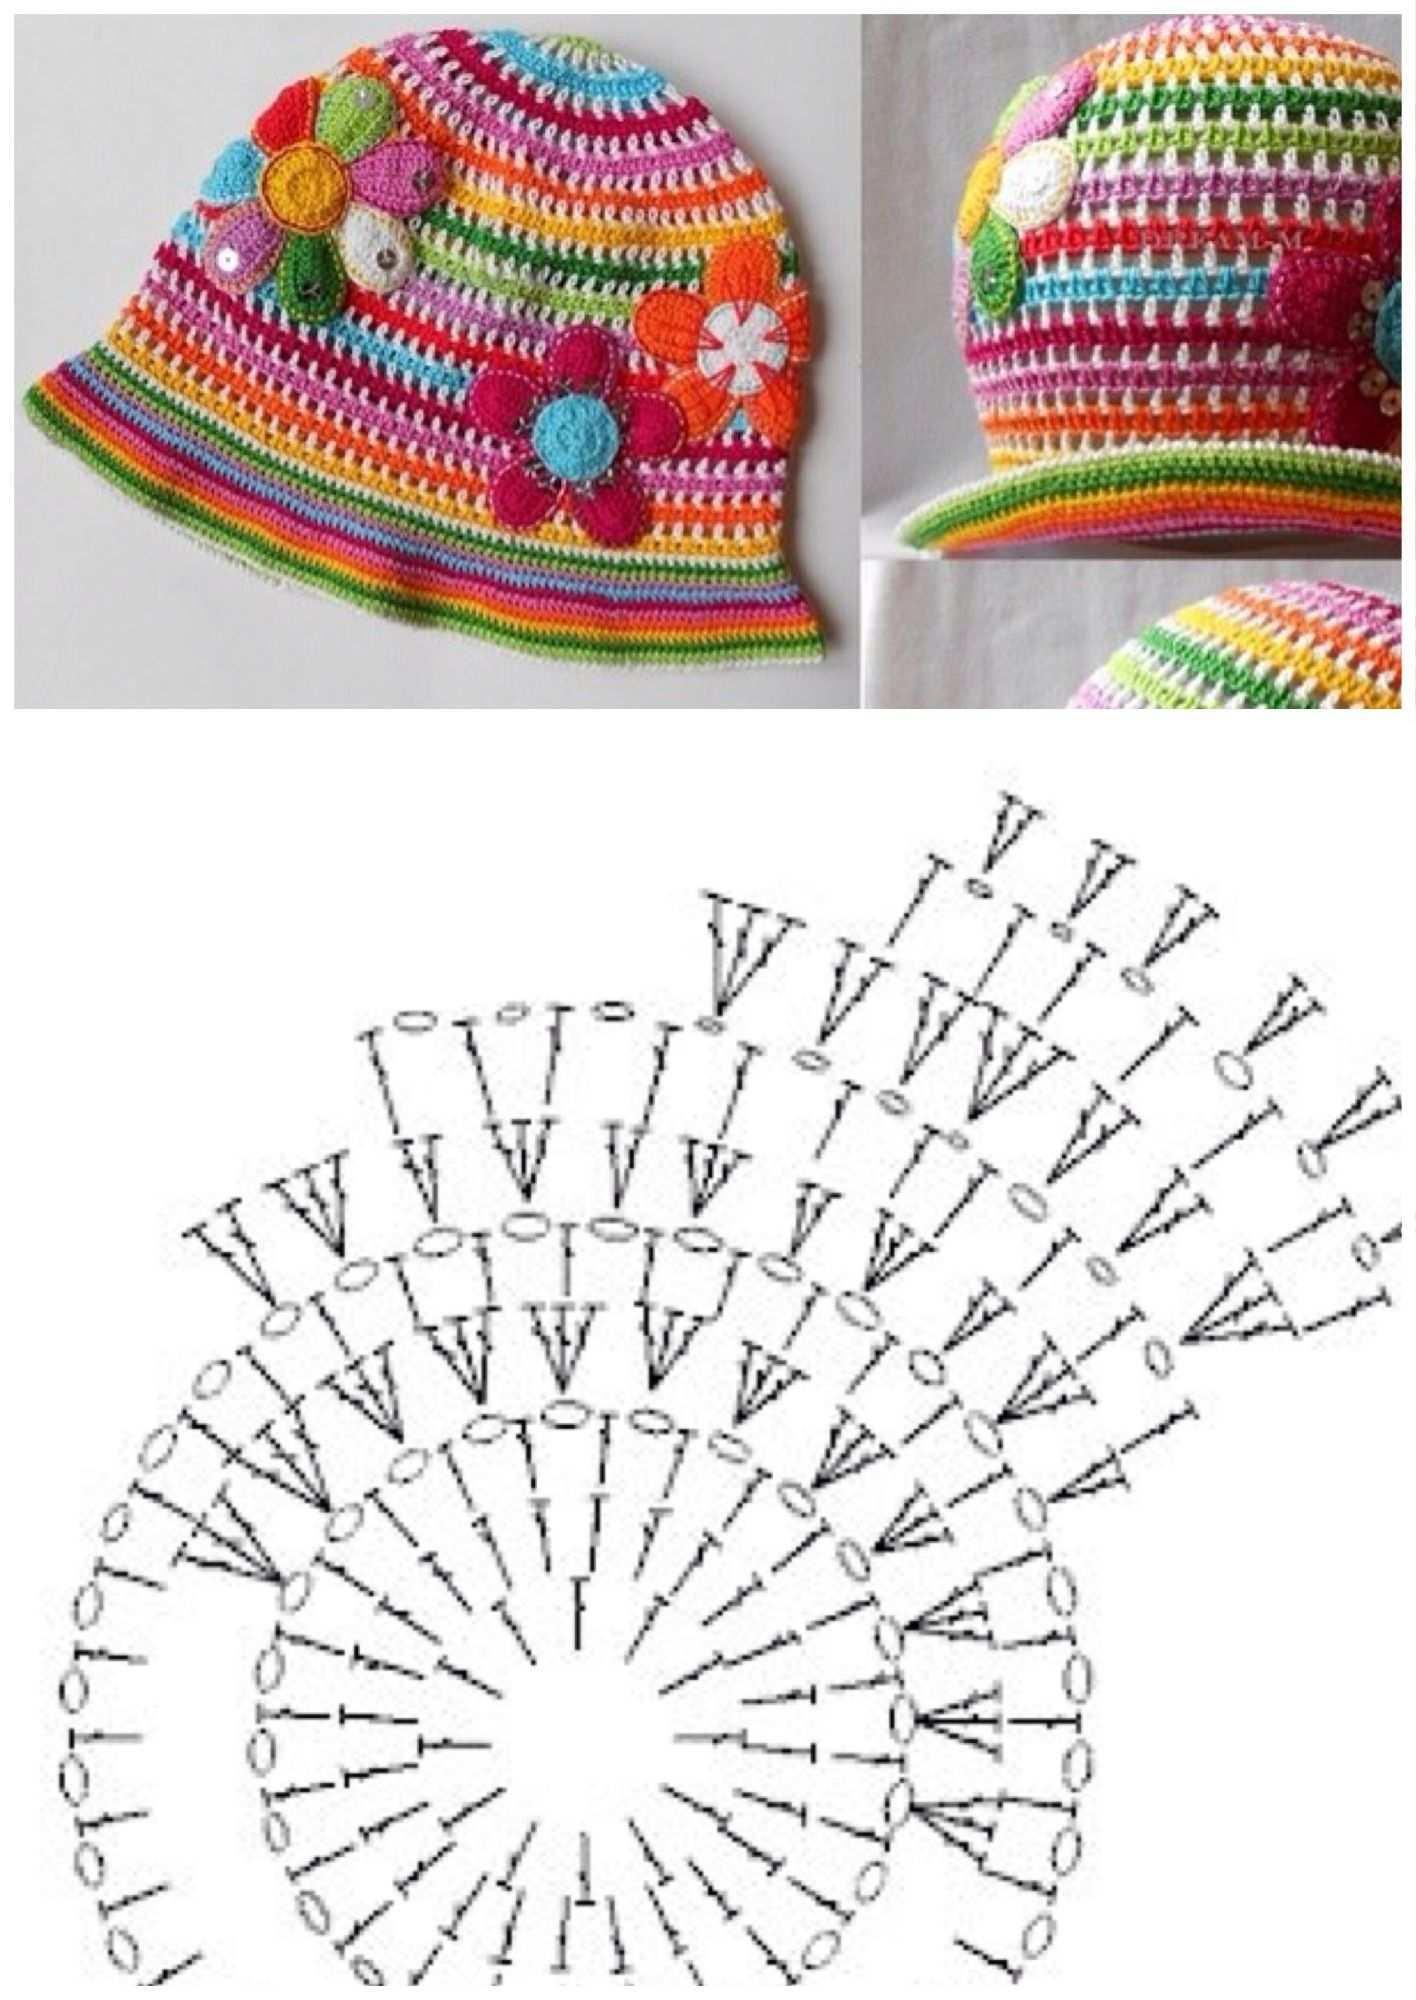 Chapeu Infantil De Croche Chapeau Crochet Facile Chapeau Crochet Crochet